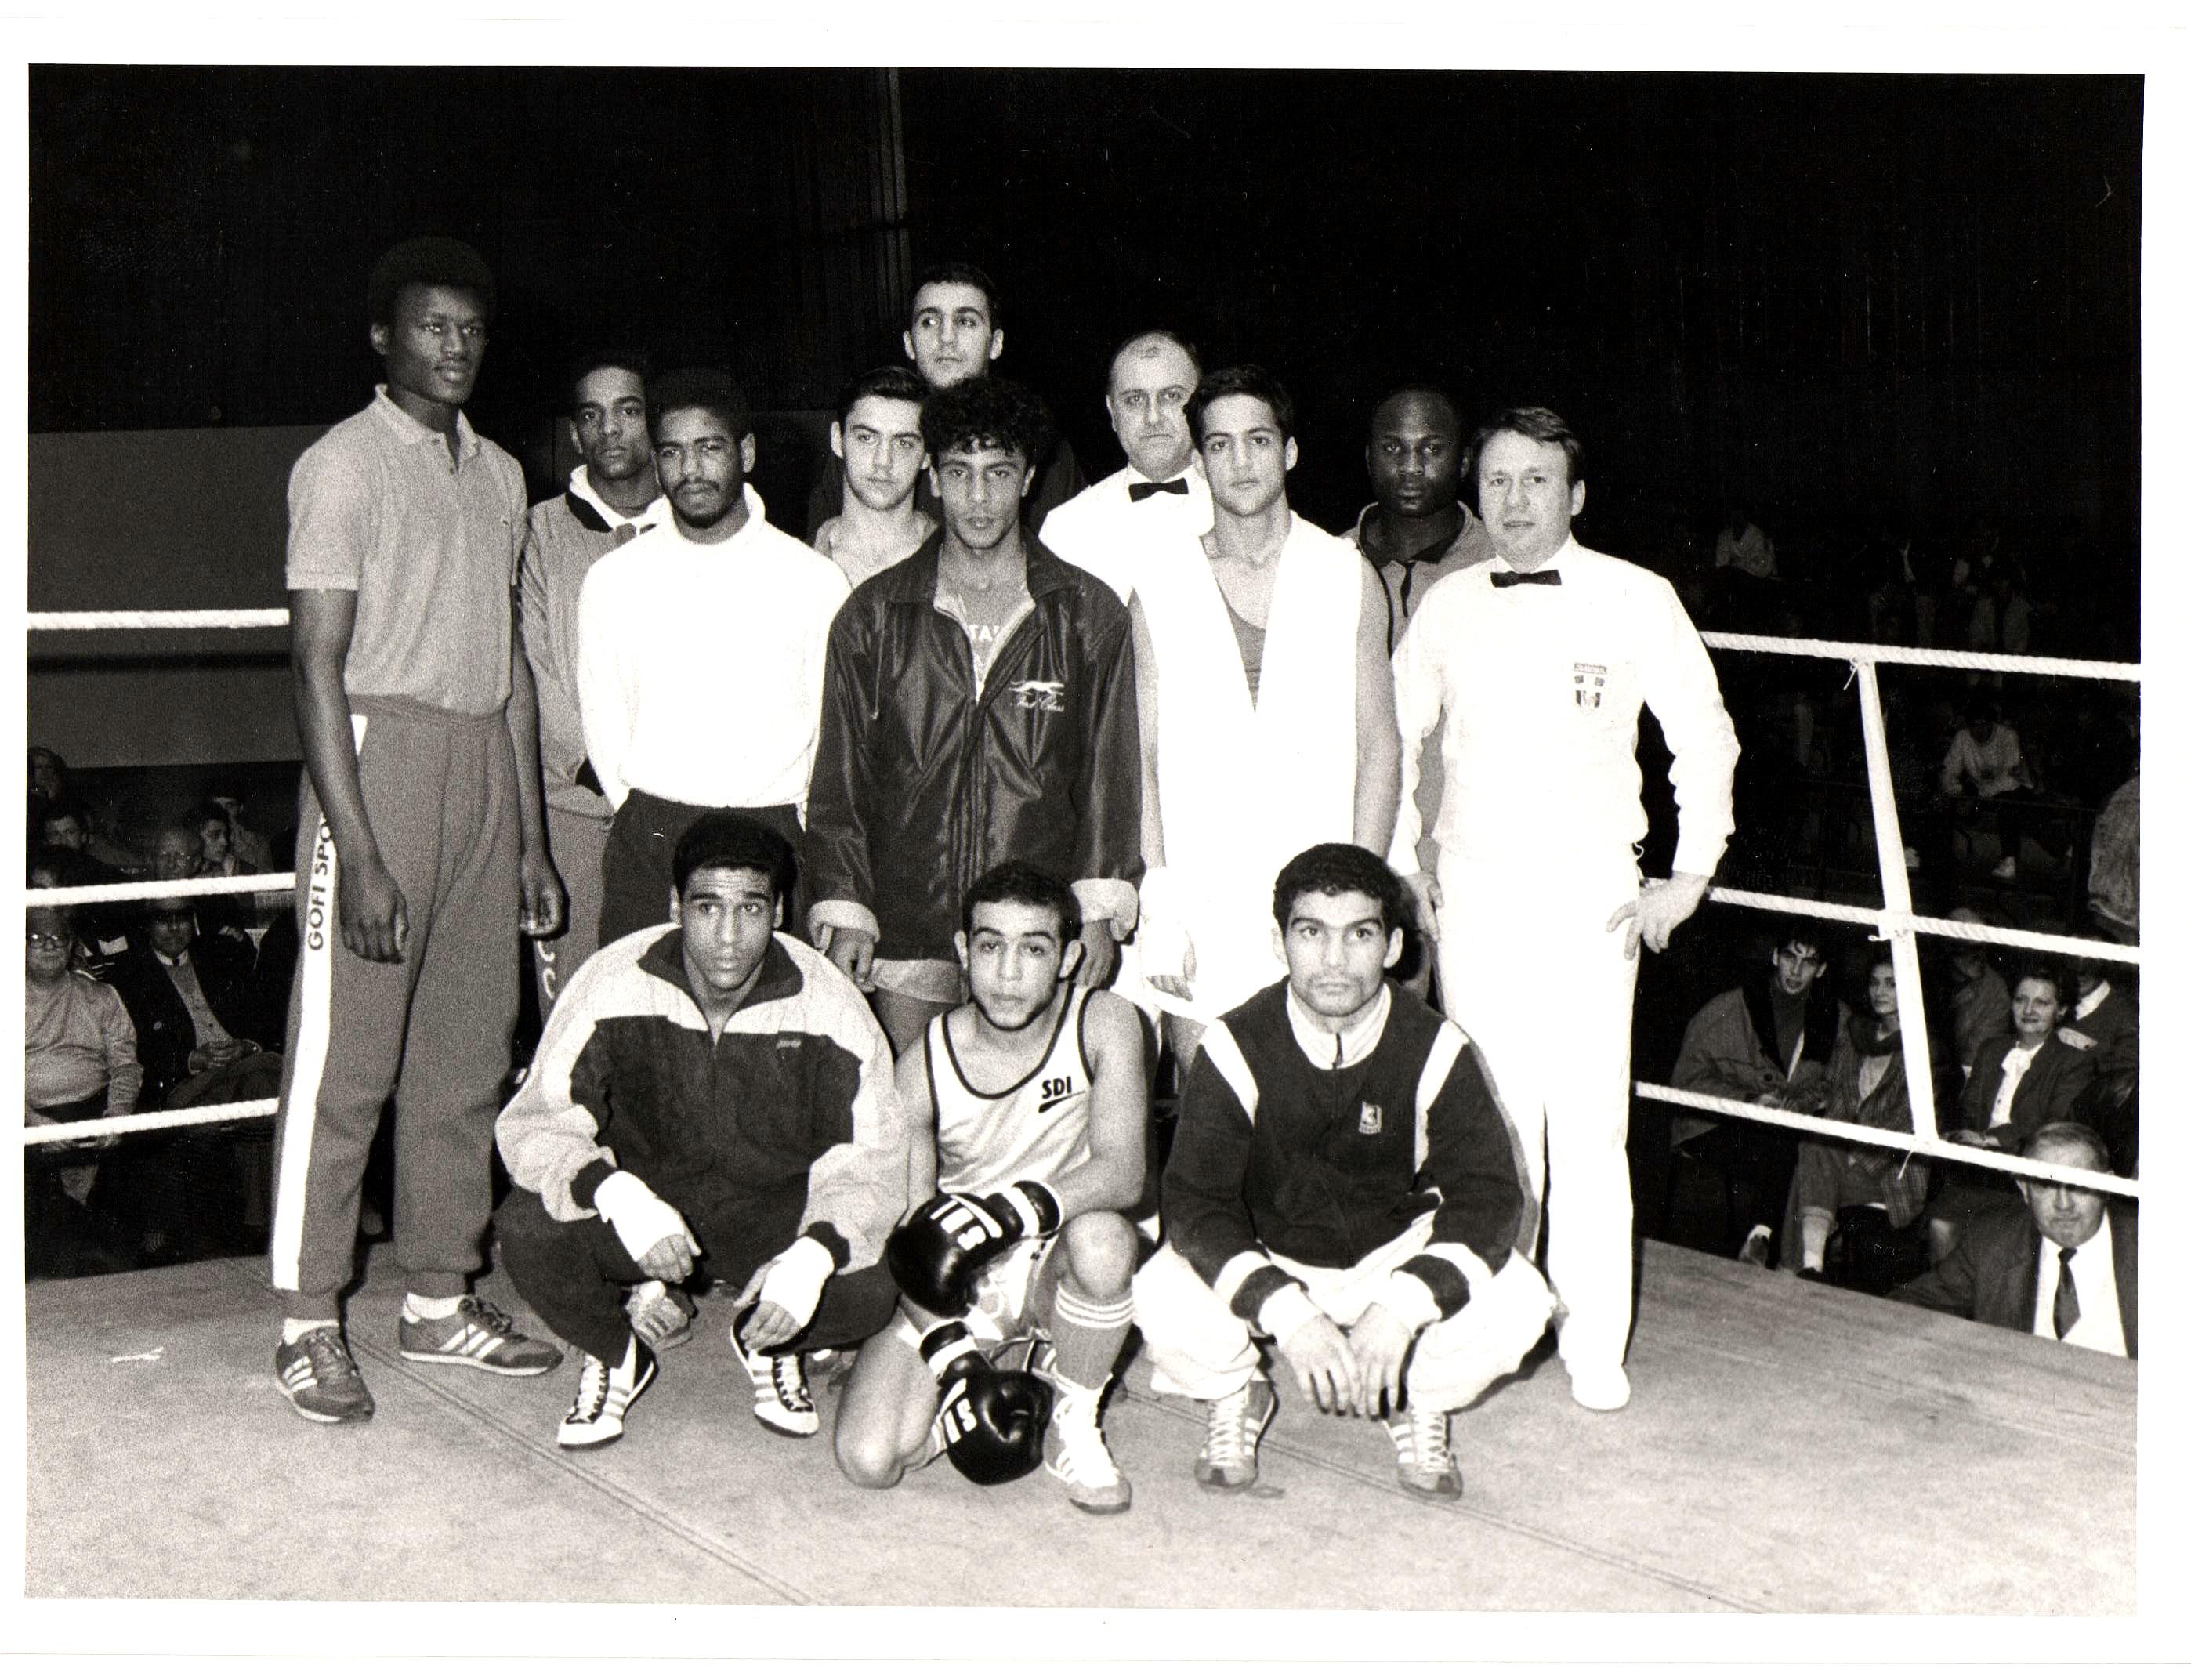 Les finalistes du Championnat de Paris 1986 à la Porte Pouchet. Une ambiance électrique, des combats populaires et spectaculaires...